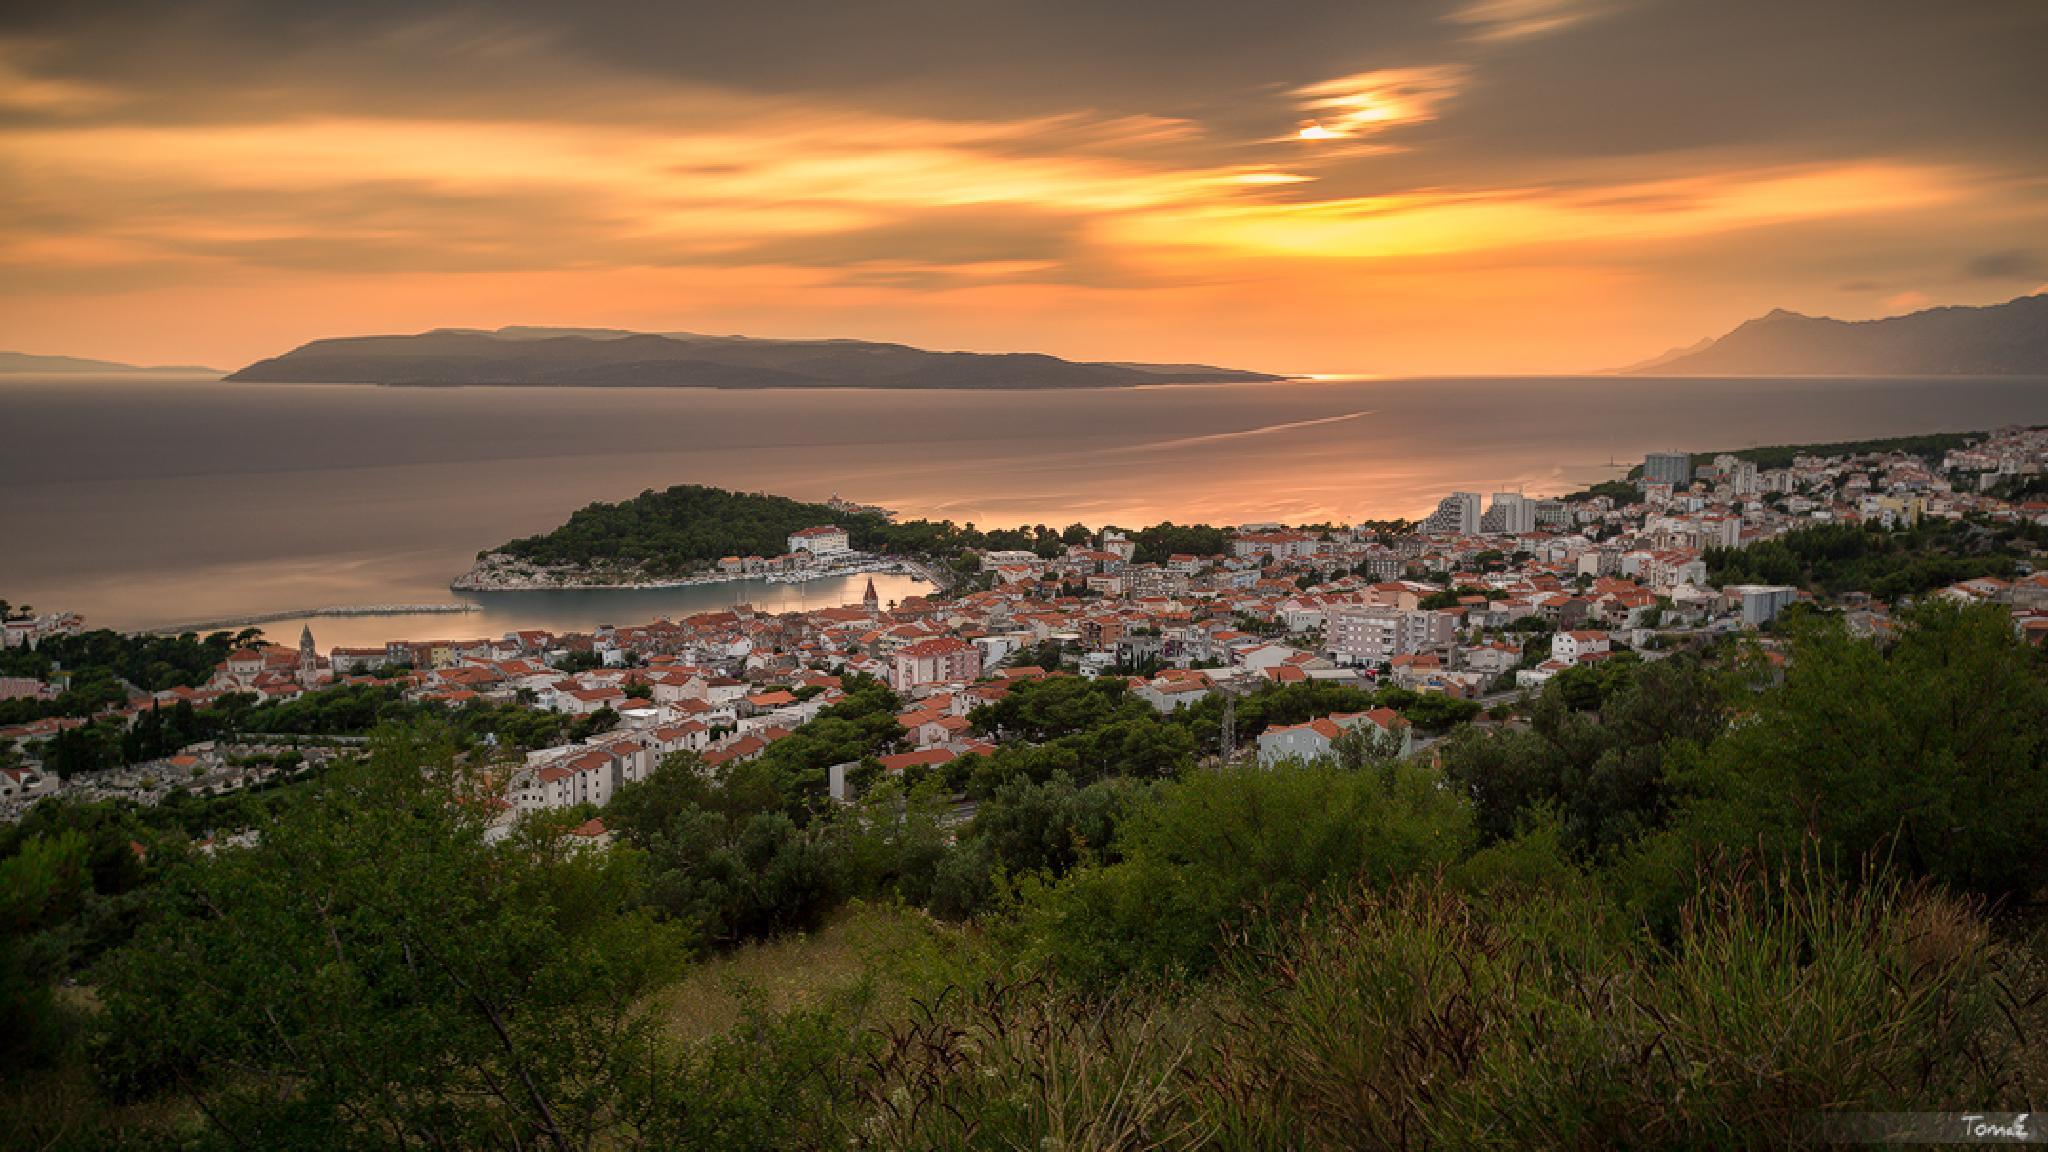 Makarska sunset by Tomaž Klemenšak